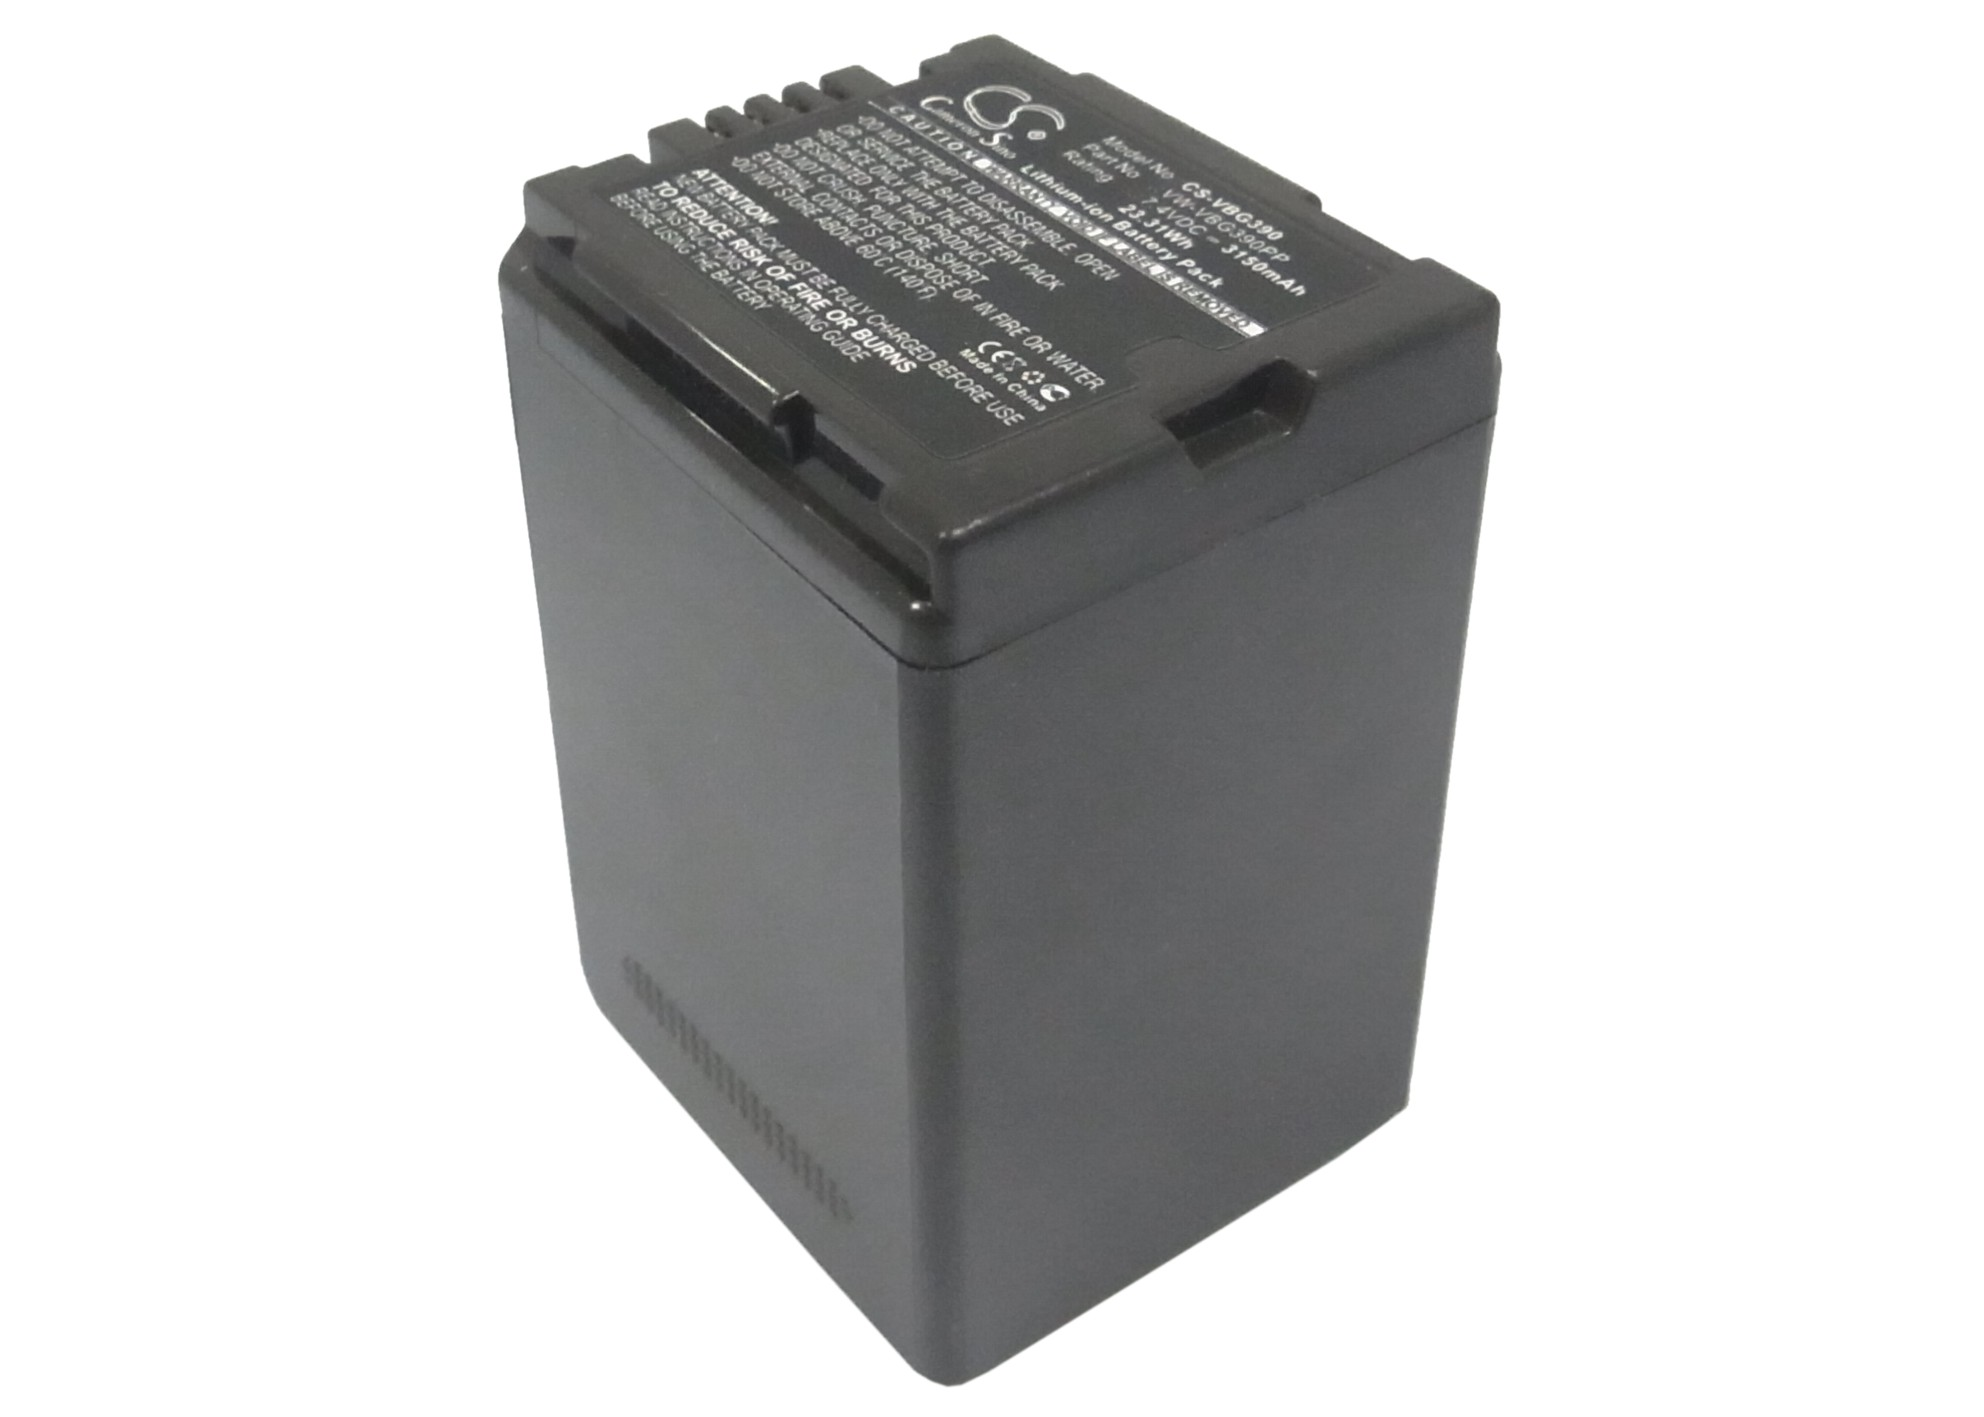 Cameron Sino baterie do kamer a fotoaparátů pro PANASONIC HDC-DX1 7.4V Li-ion 3150mAh šedá - neoriginální